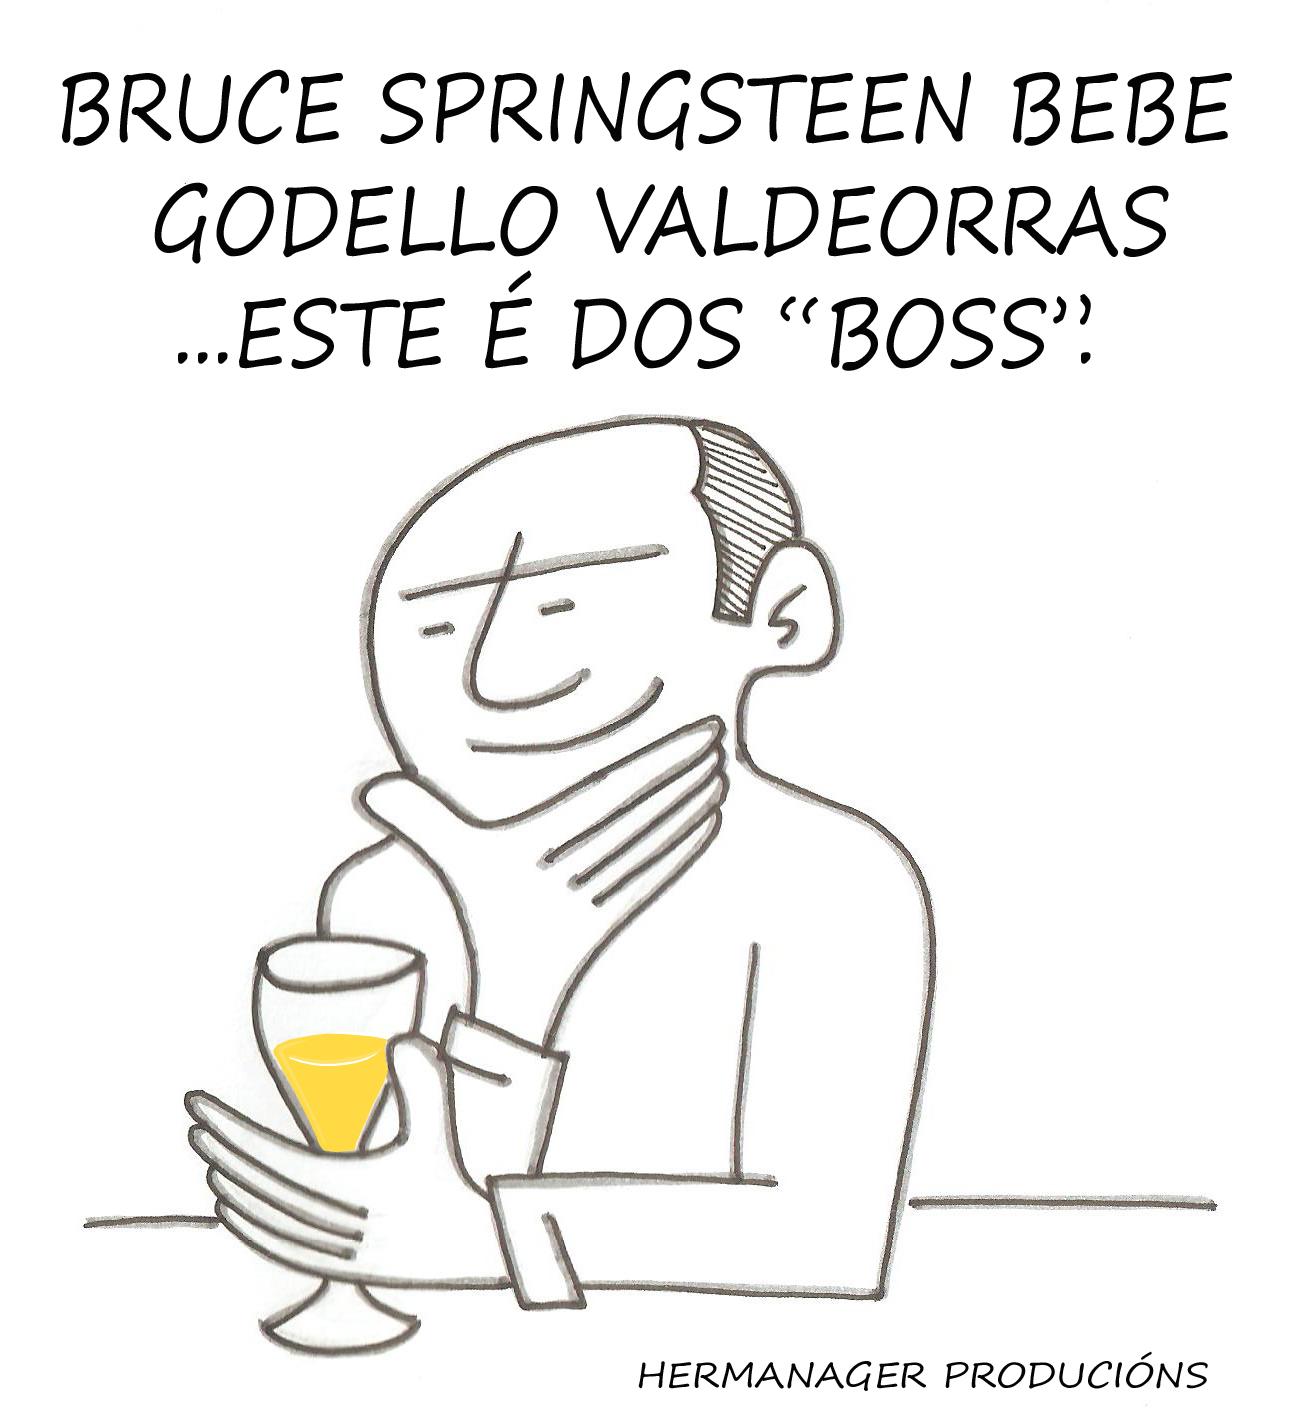 BOSS GODELLO